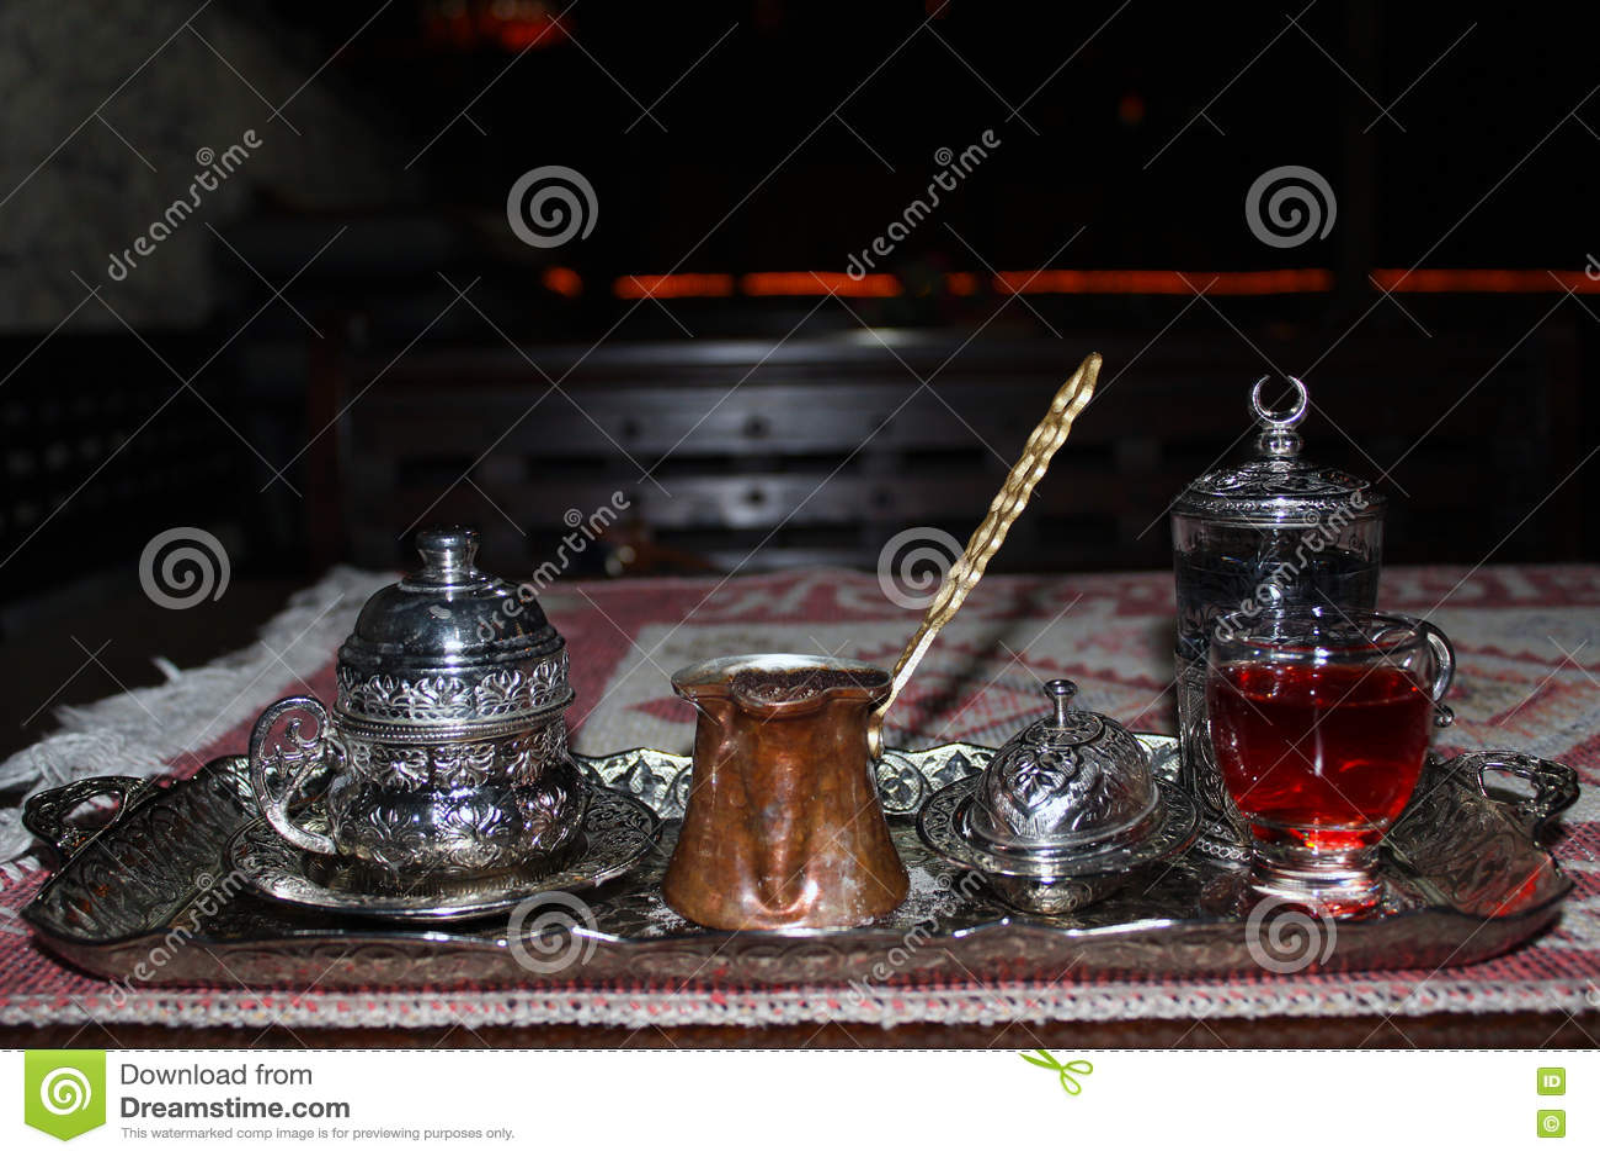 Türkischer Kaffee Im Kupfer Nachts Stockfoto - Bild von sirup ...